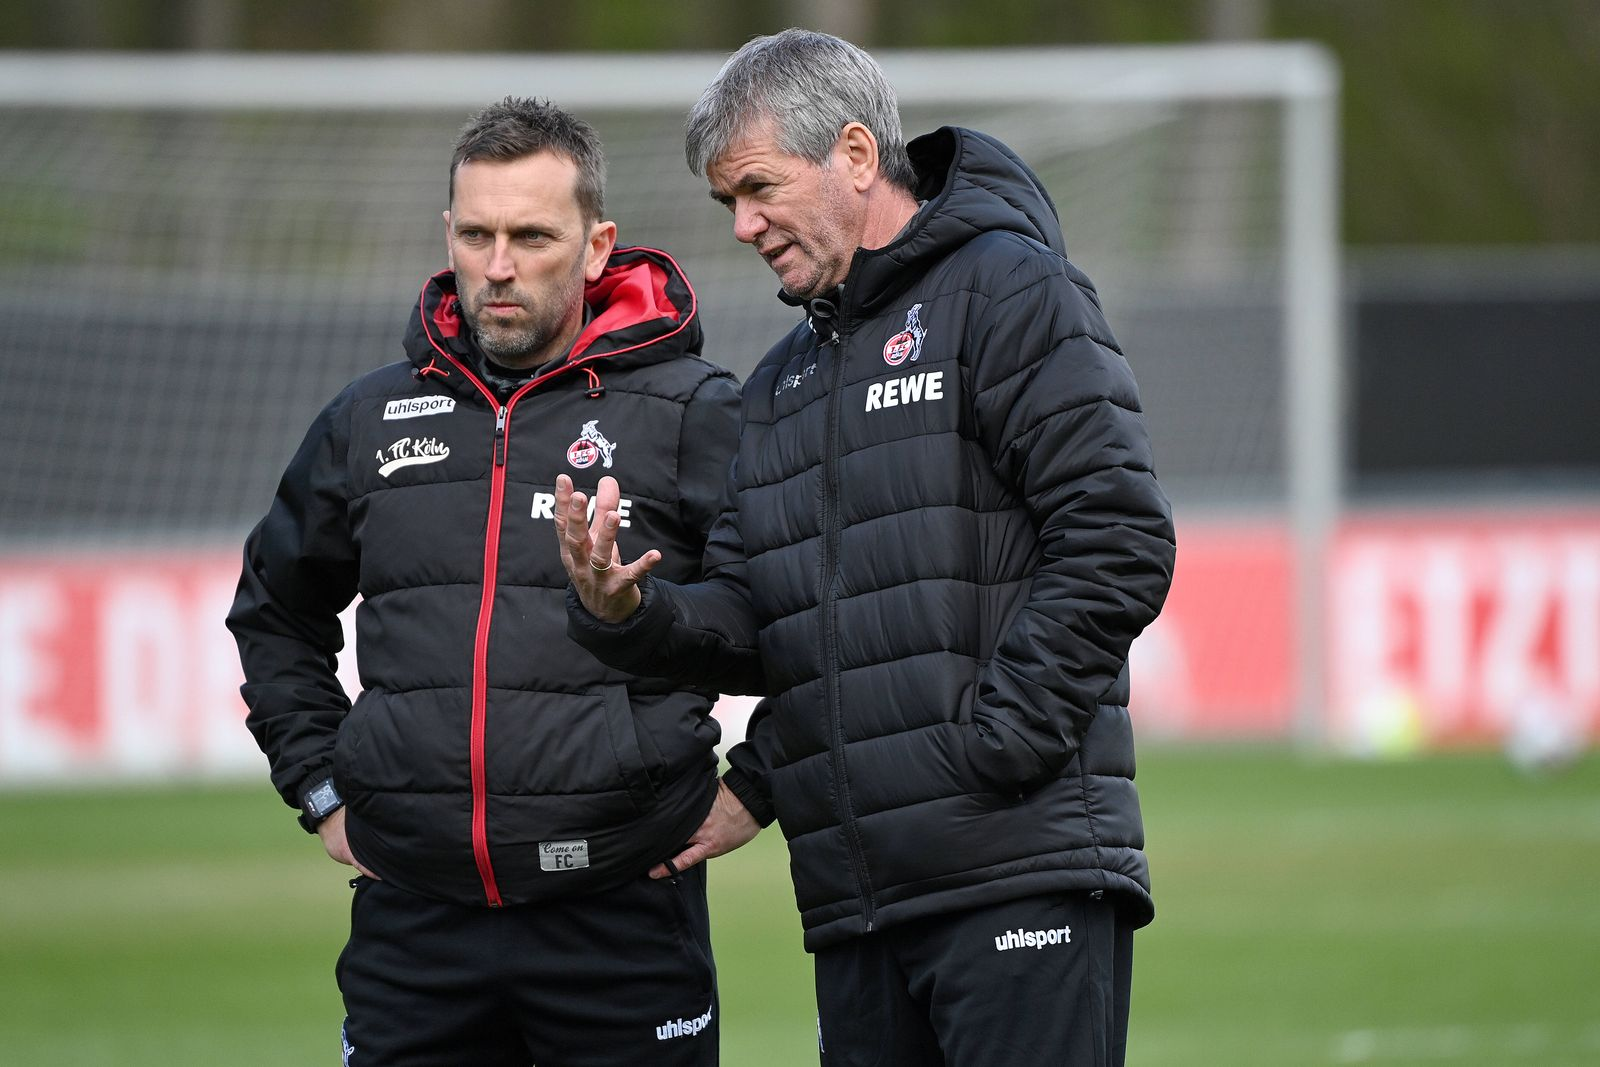 Koeln, Geissbockheim, 13.04.21, GER, Herren, 1.Bundesliga, Saison 2020-2021, Training 1.FC Koeln mit neuem Trainer Fried